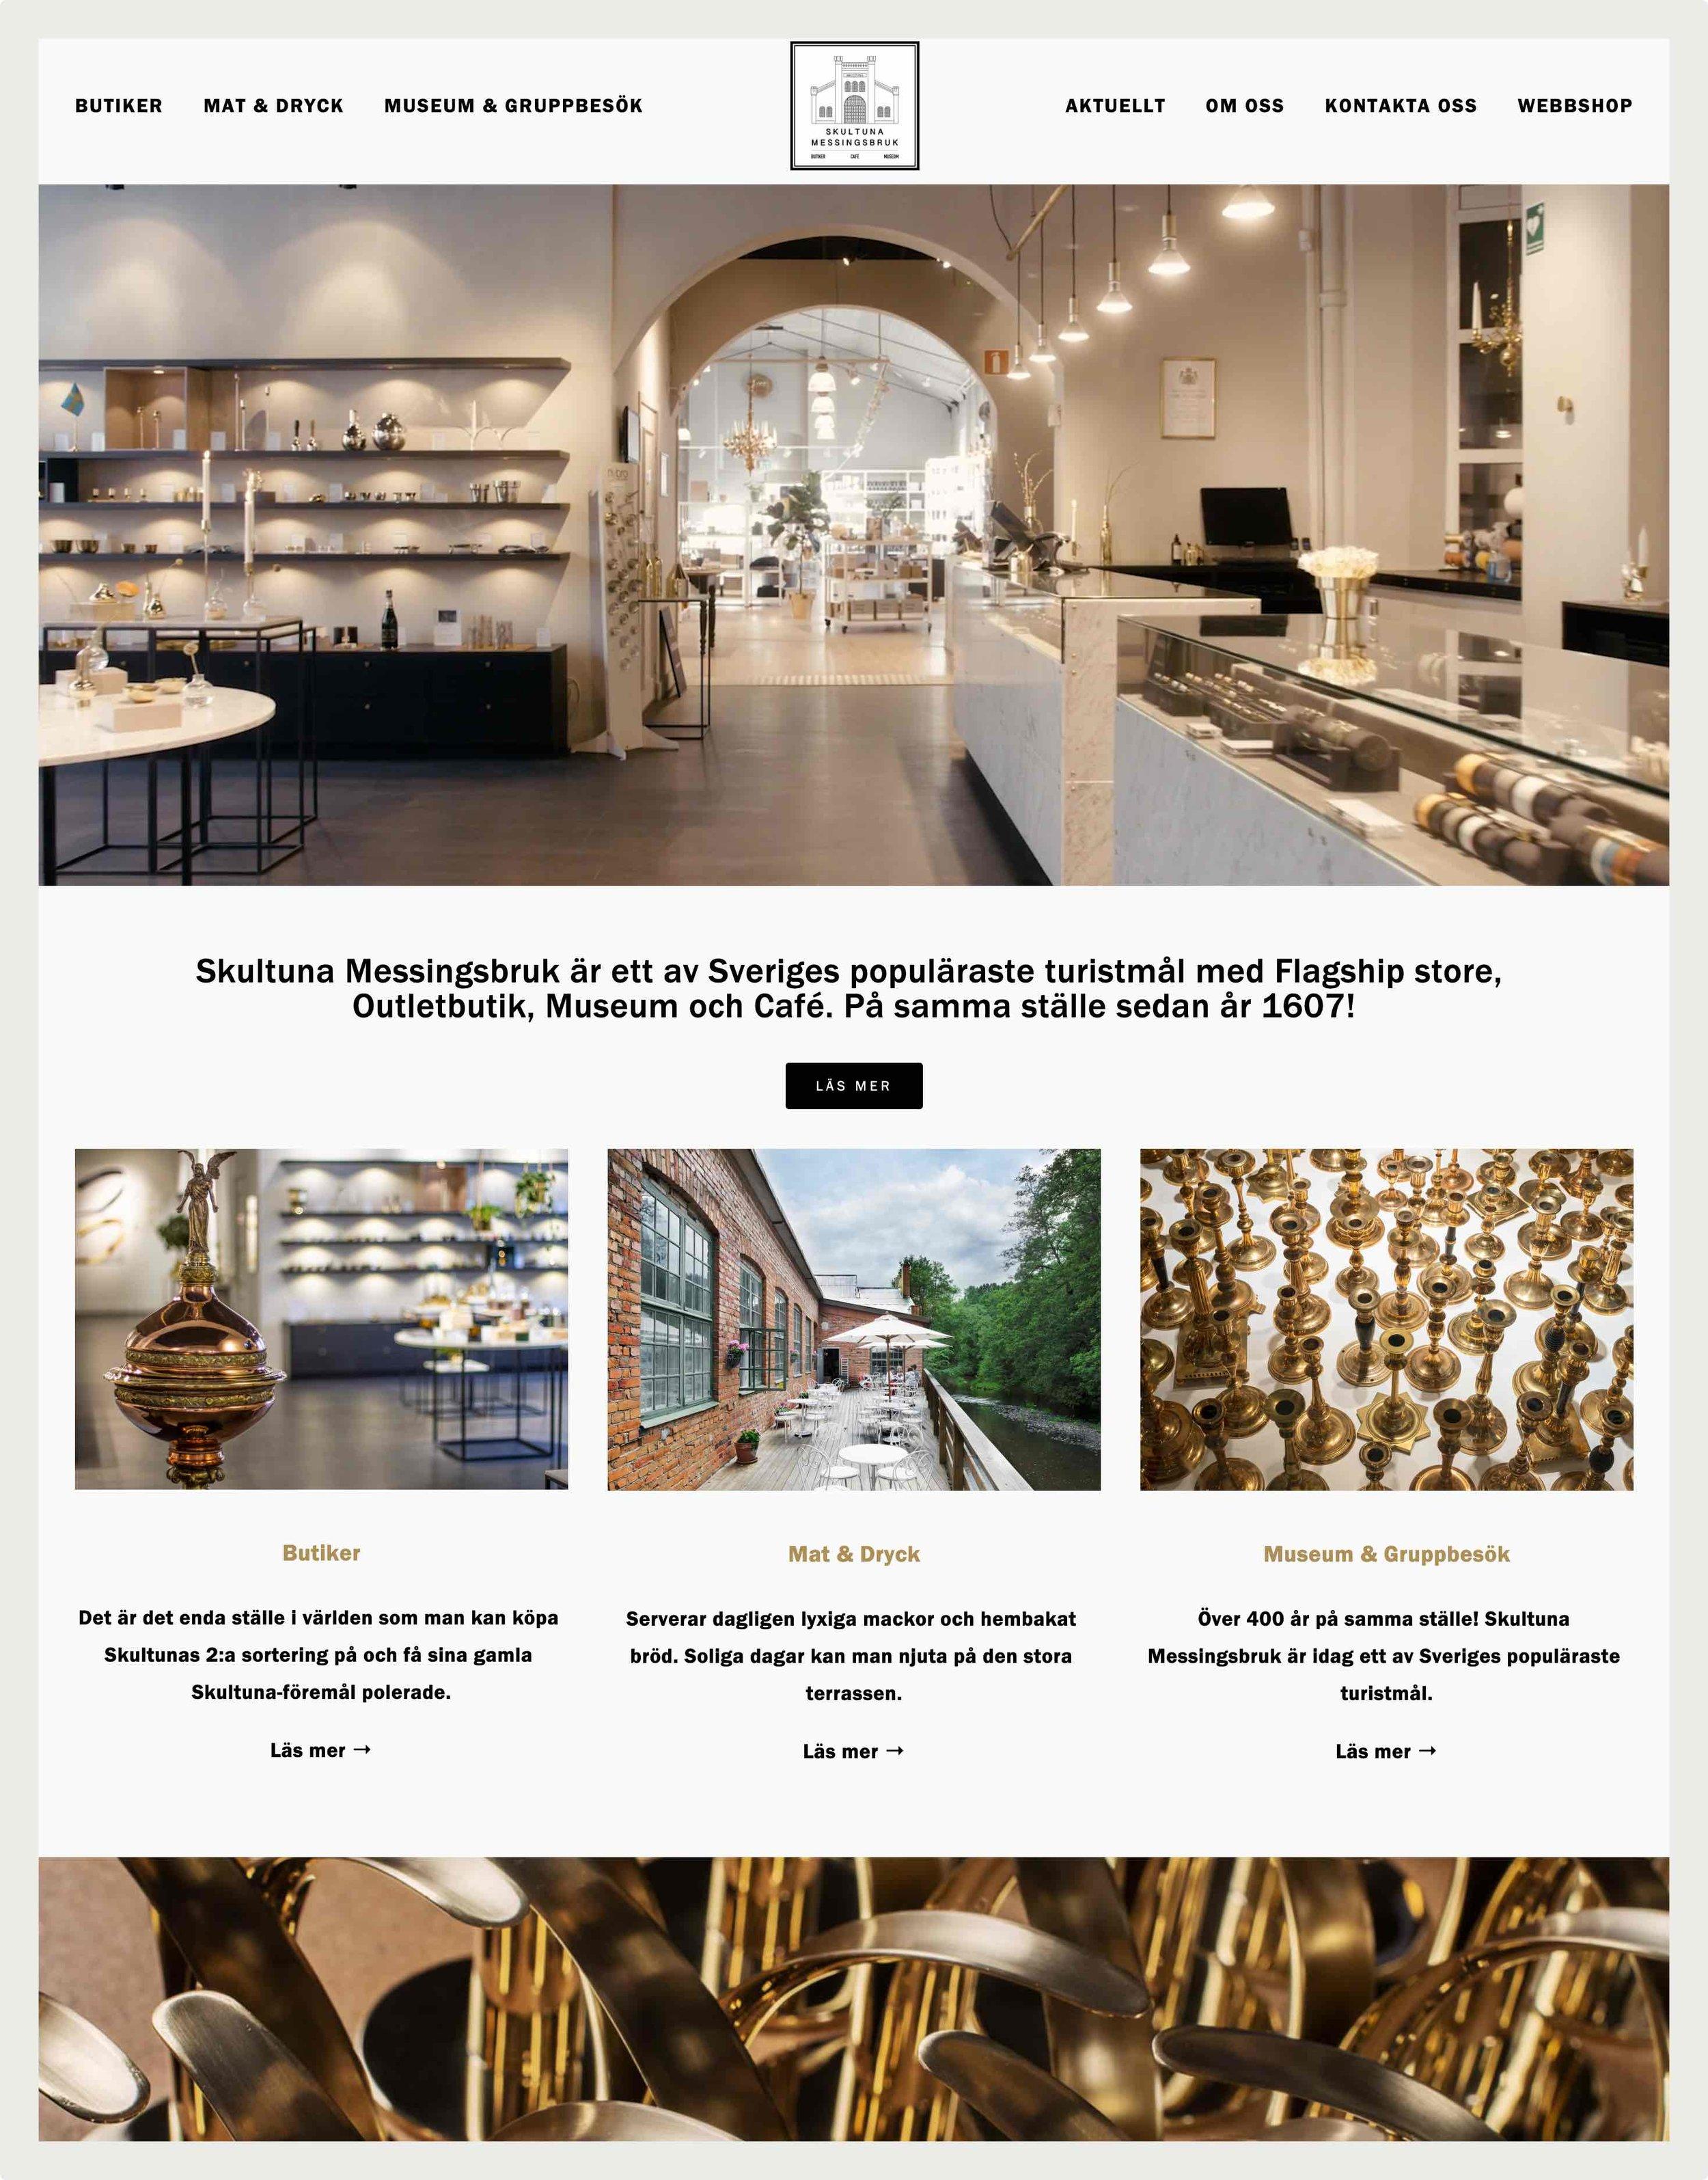 framtidens-webbyrå-uppdrag-webbplats-skultuna-fabriksbutiker.jpg